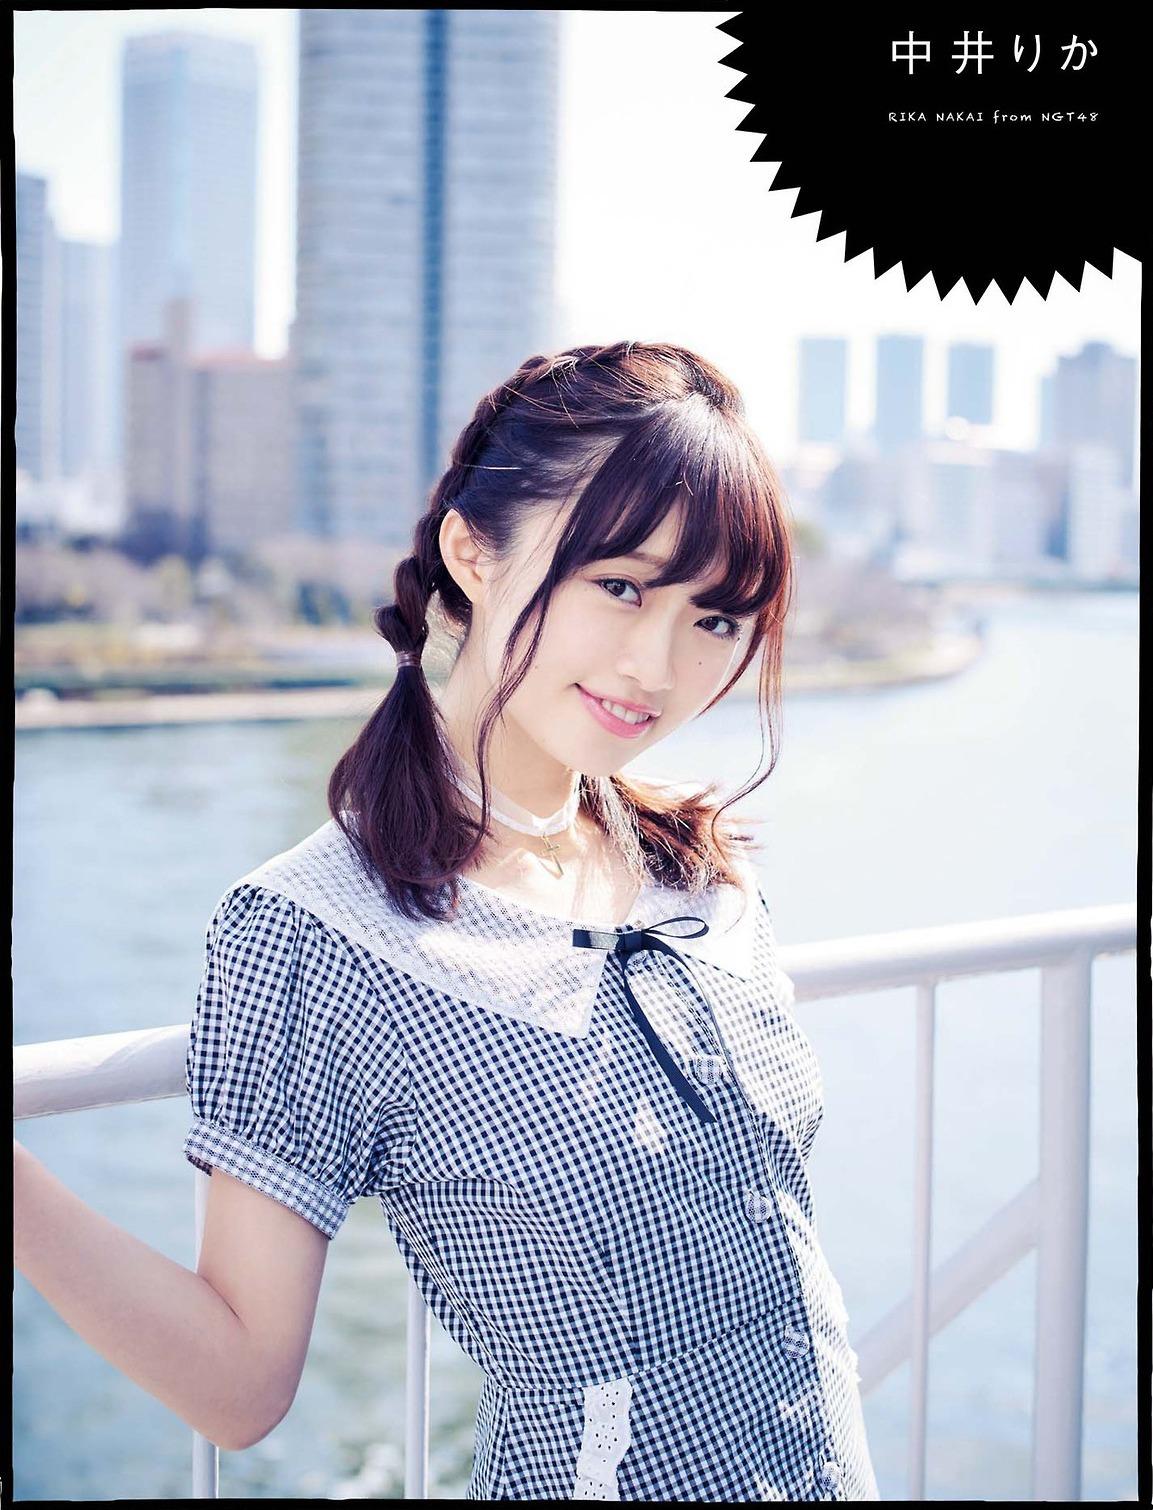 Nakai Rika 中井りか NGT48, My Girl 2017 Vol.17 別冊CD&DLでーた